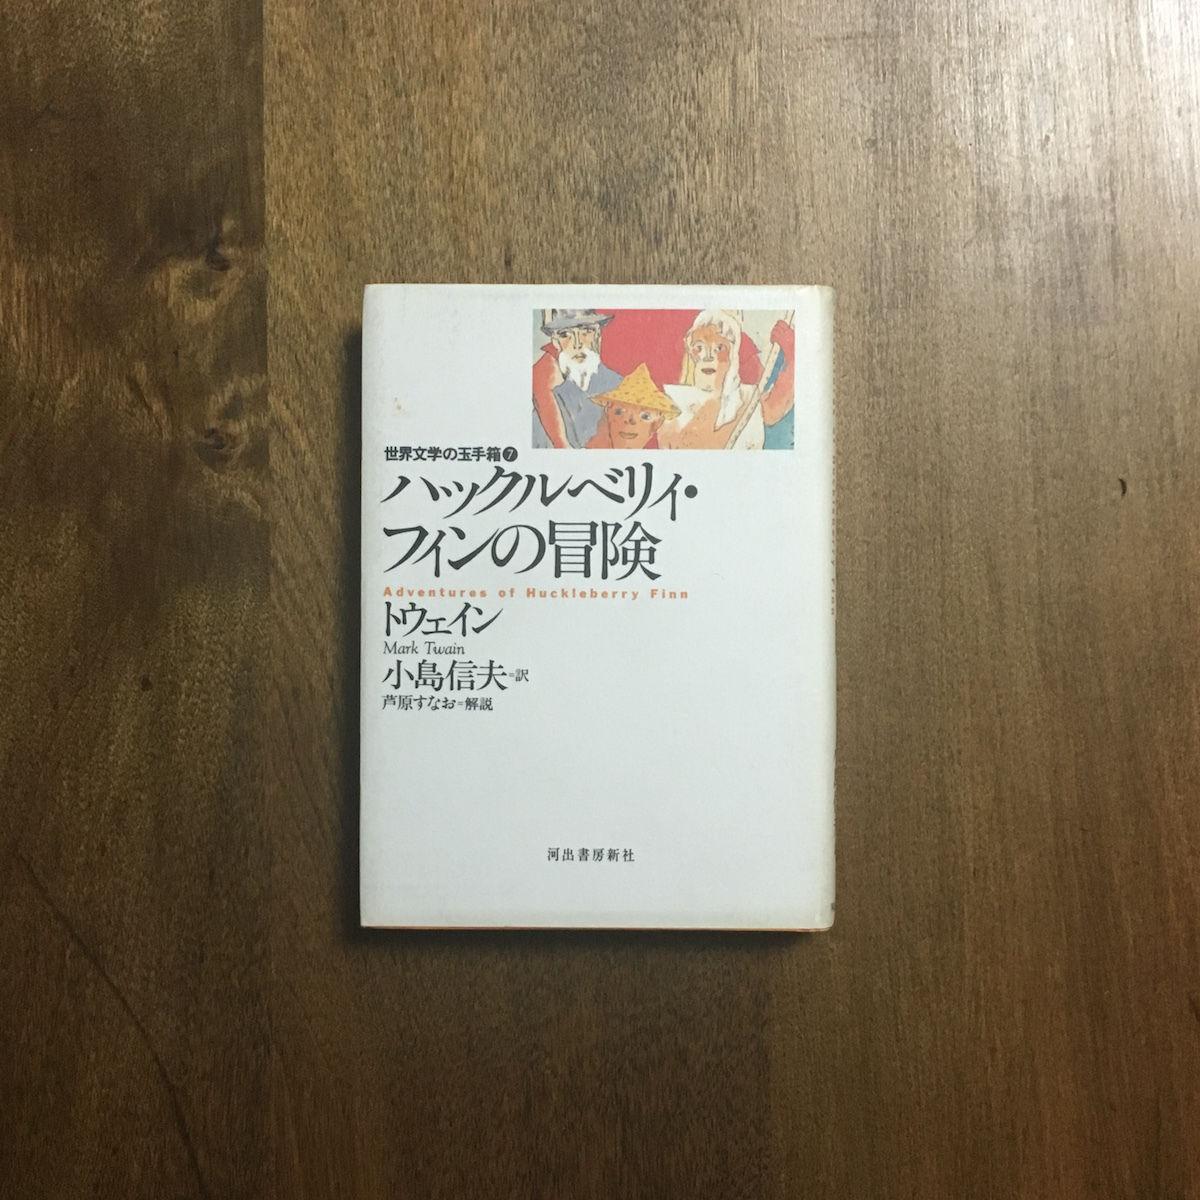 「ハックルベリィ・フィンの冒険」トウェイン 小島信夫 訳